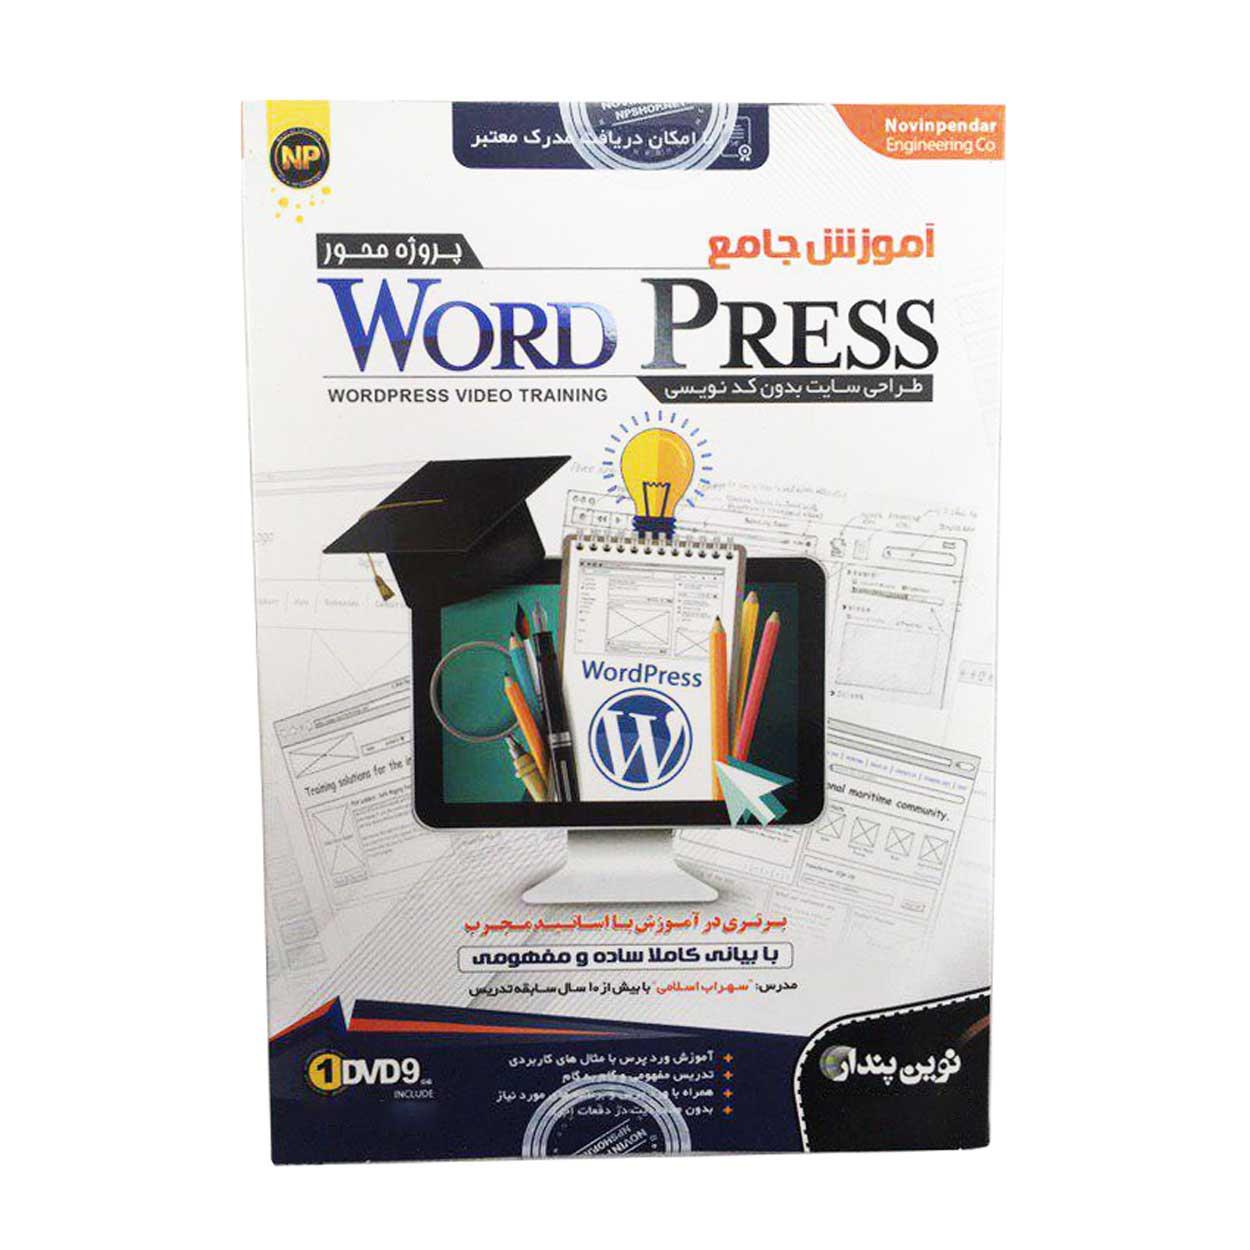 نرم افراز آموزش طراحی سایت با وردپرس Word Press نشر نوین پندار